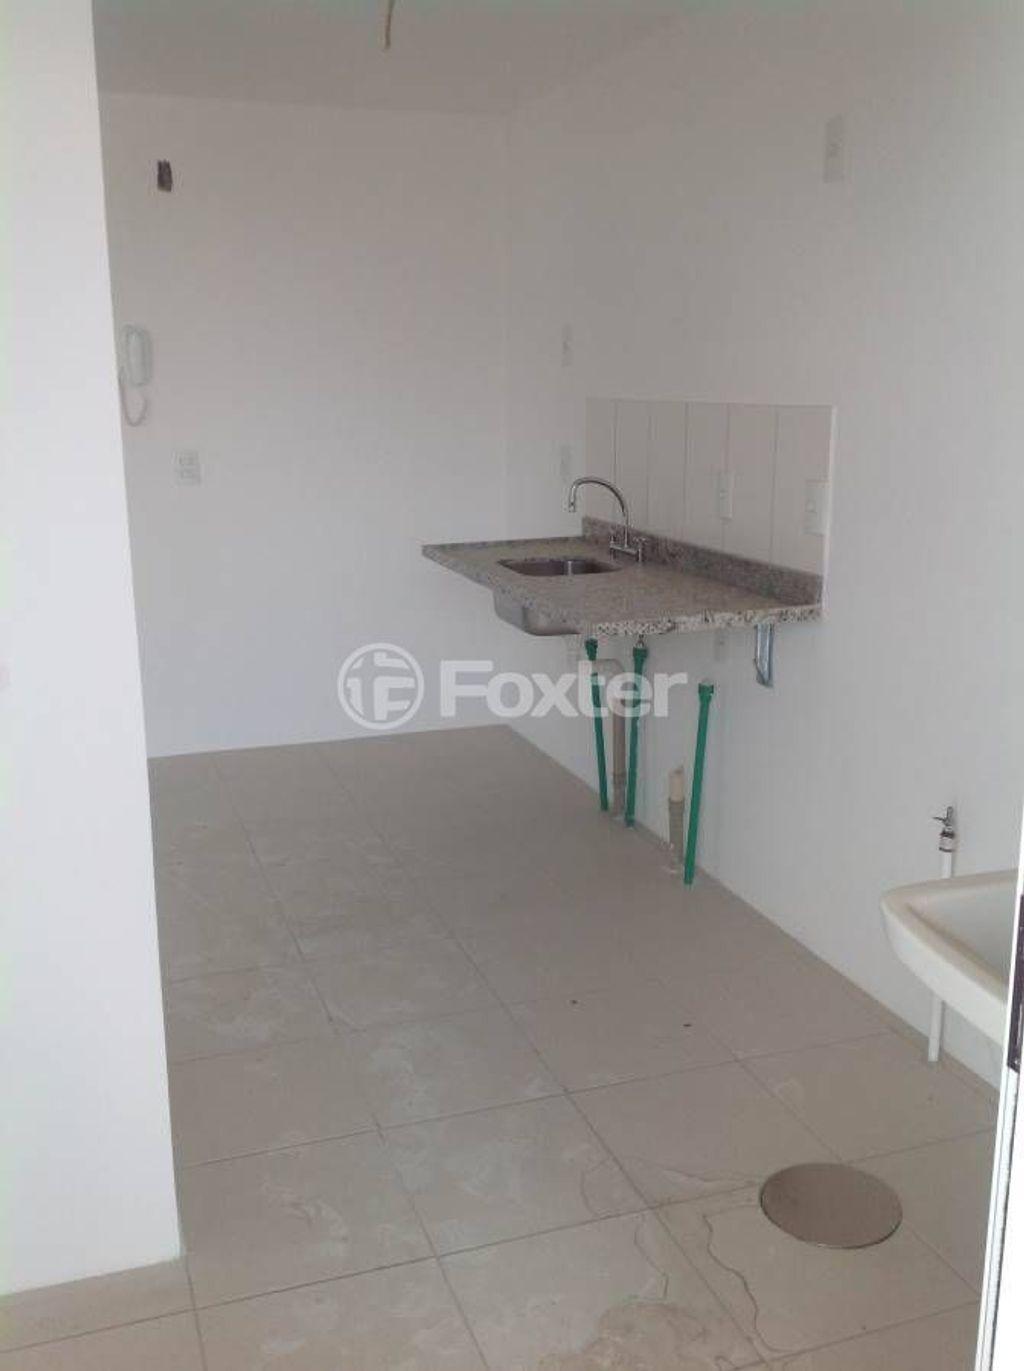 Foxter Imobiliária - Apto 3 Dorm, Vila Ipiranga - Foto 31